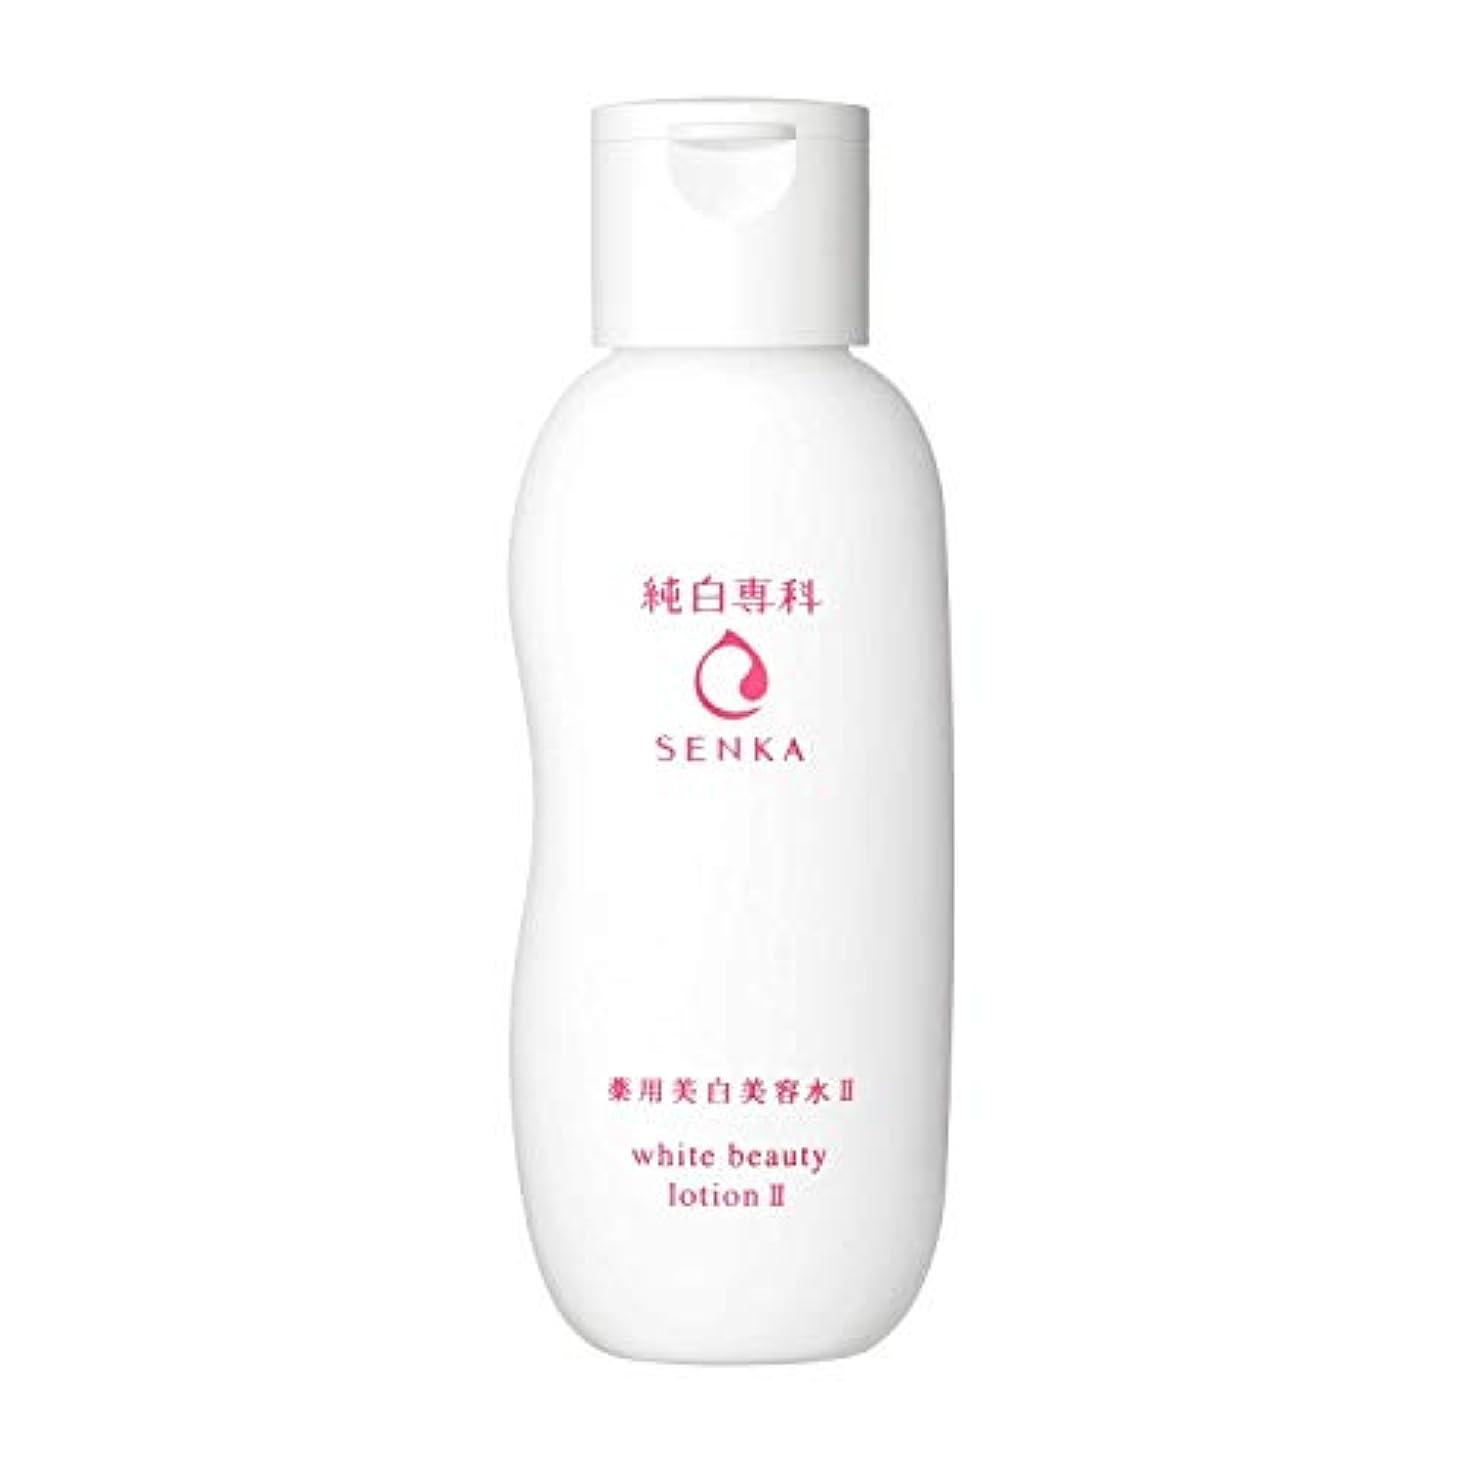 ディスク第三グロー純白専科 すっぴん美容水II (医薬部外品) 化粧水